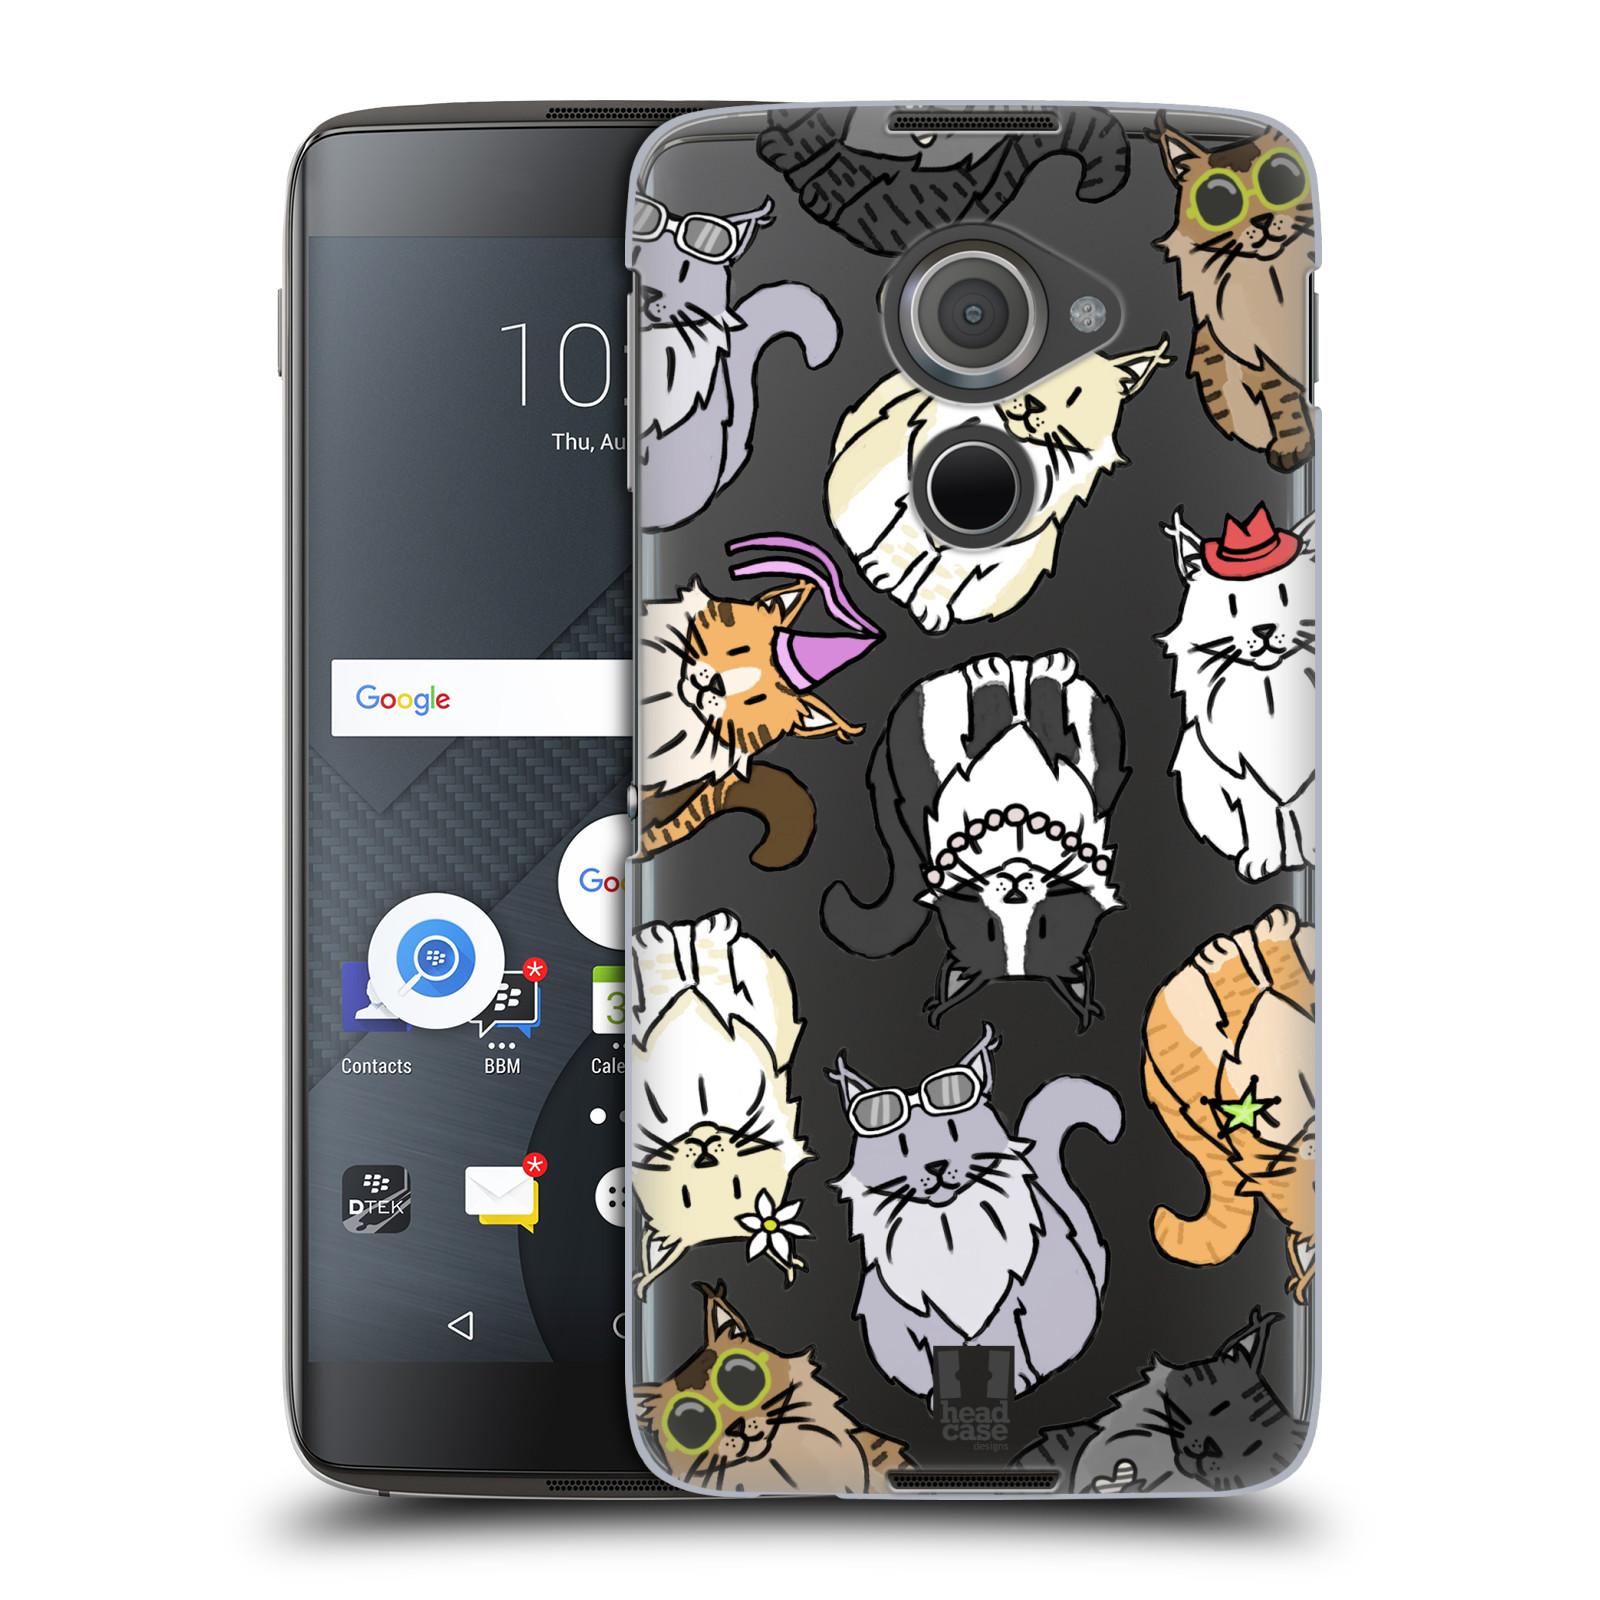 Plastové pouzdro na mobil Blackberry DTEK60 (Argon) - Head Case - Mainská mývalí kočka (Plastový kryt či obal na mobilní telefon s motivem kočiček pro Blackberry DTEK60 (Argon))